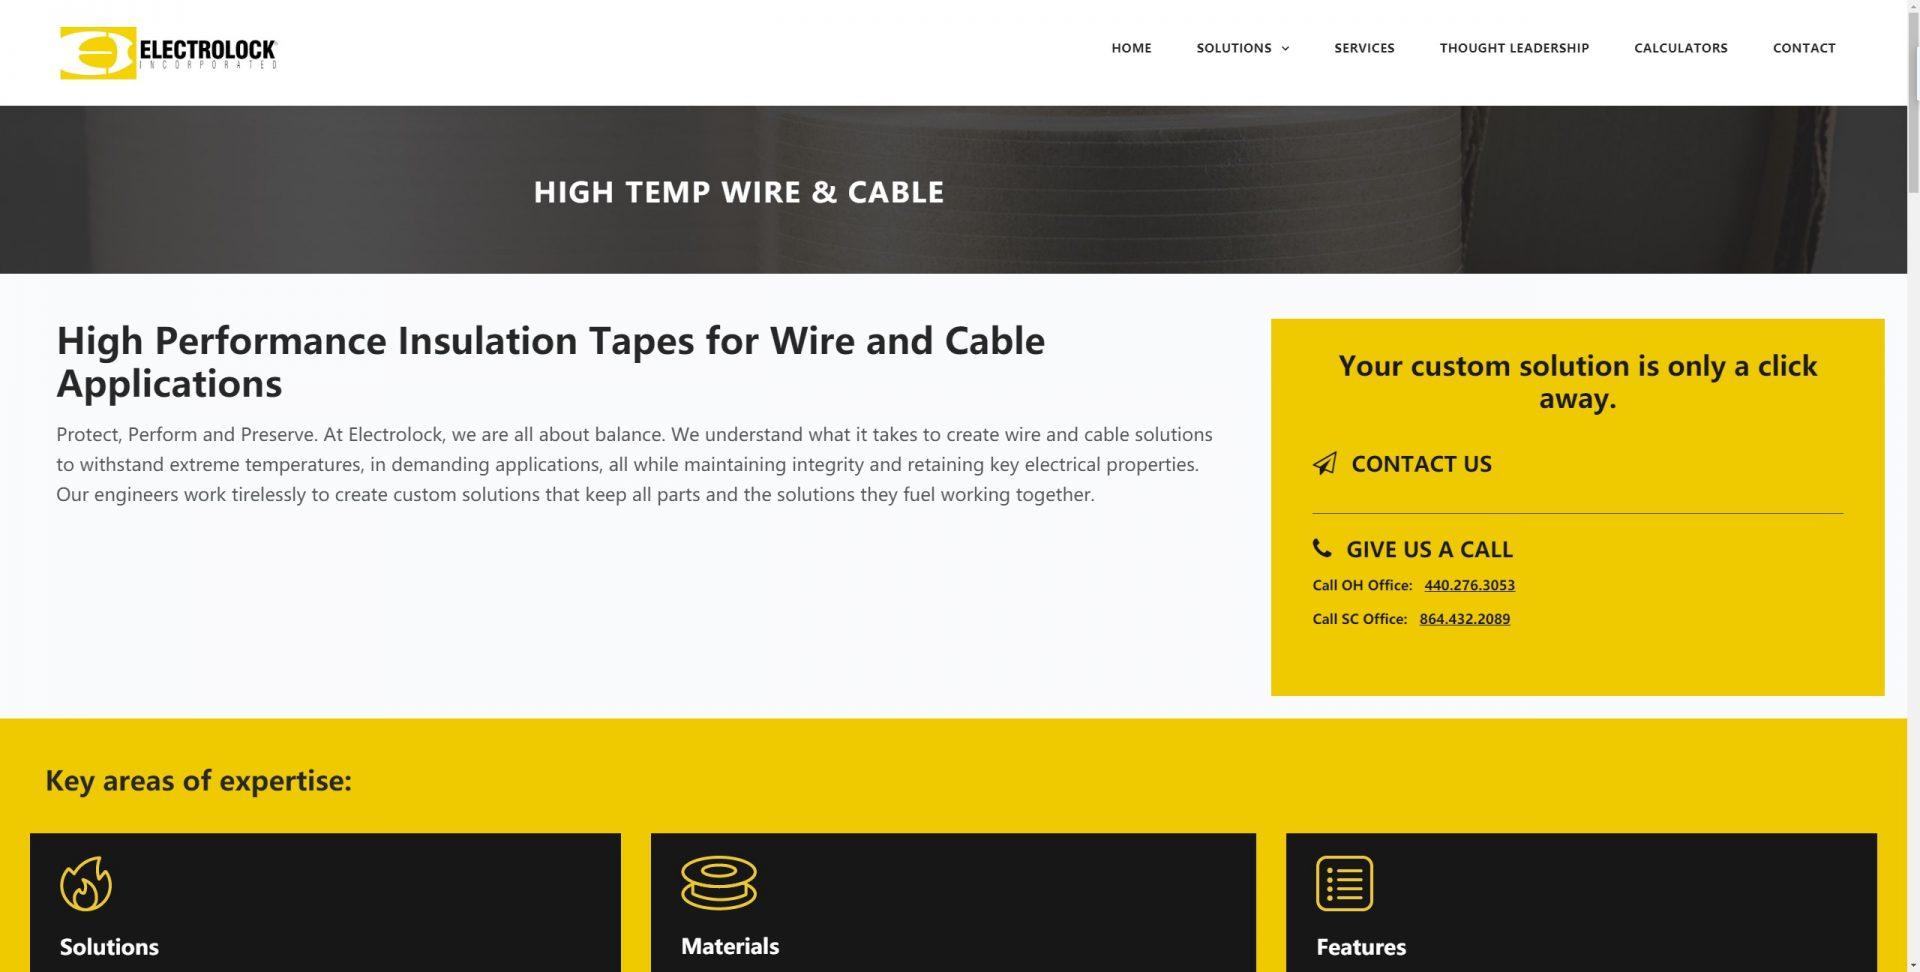 高温电缆网站案例